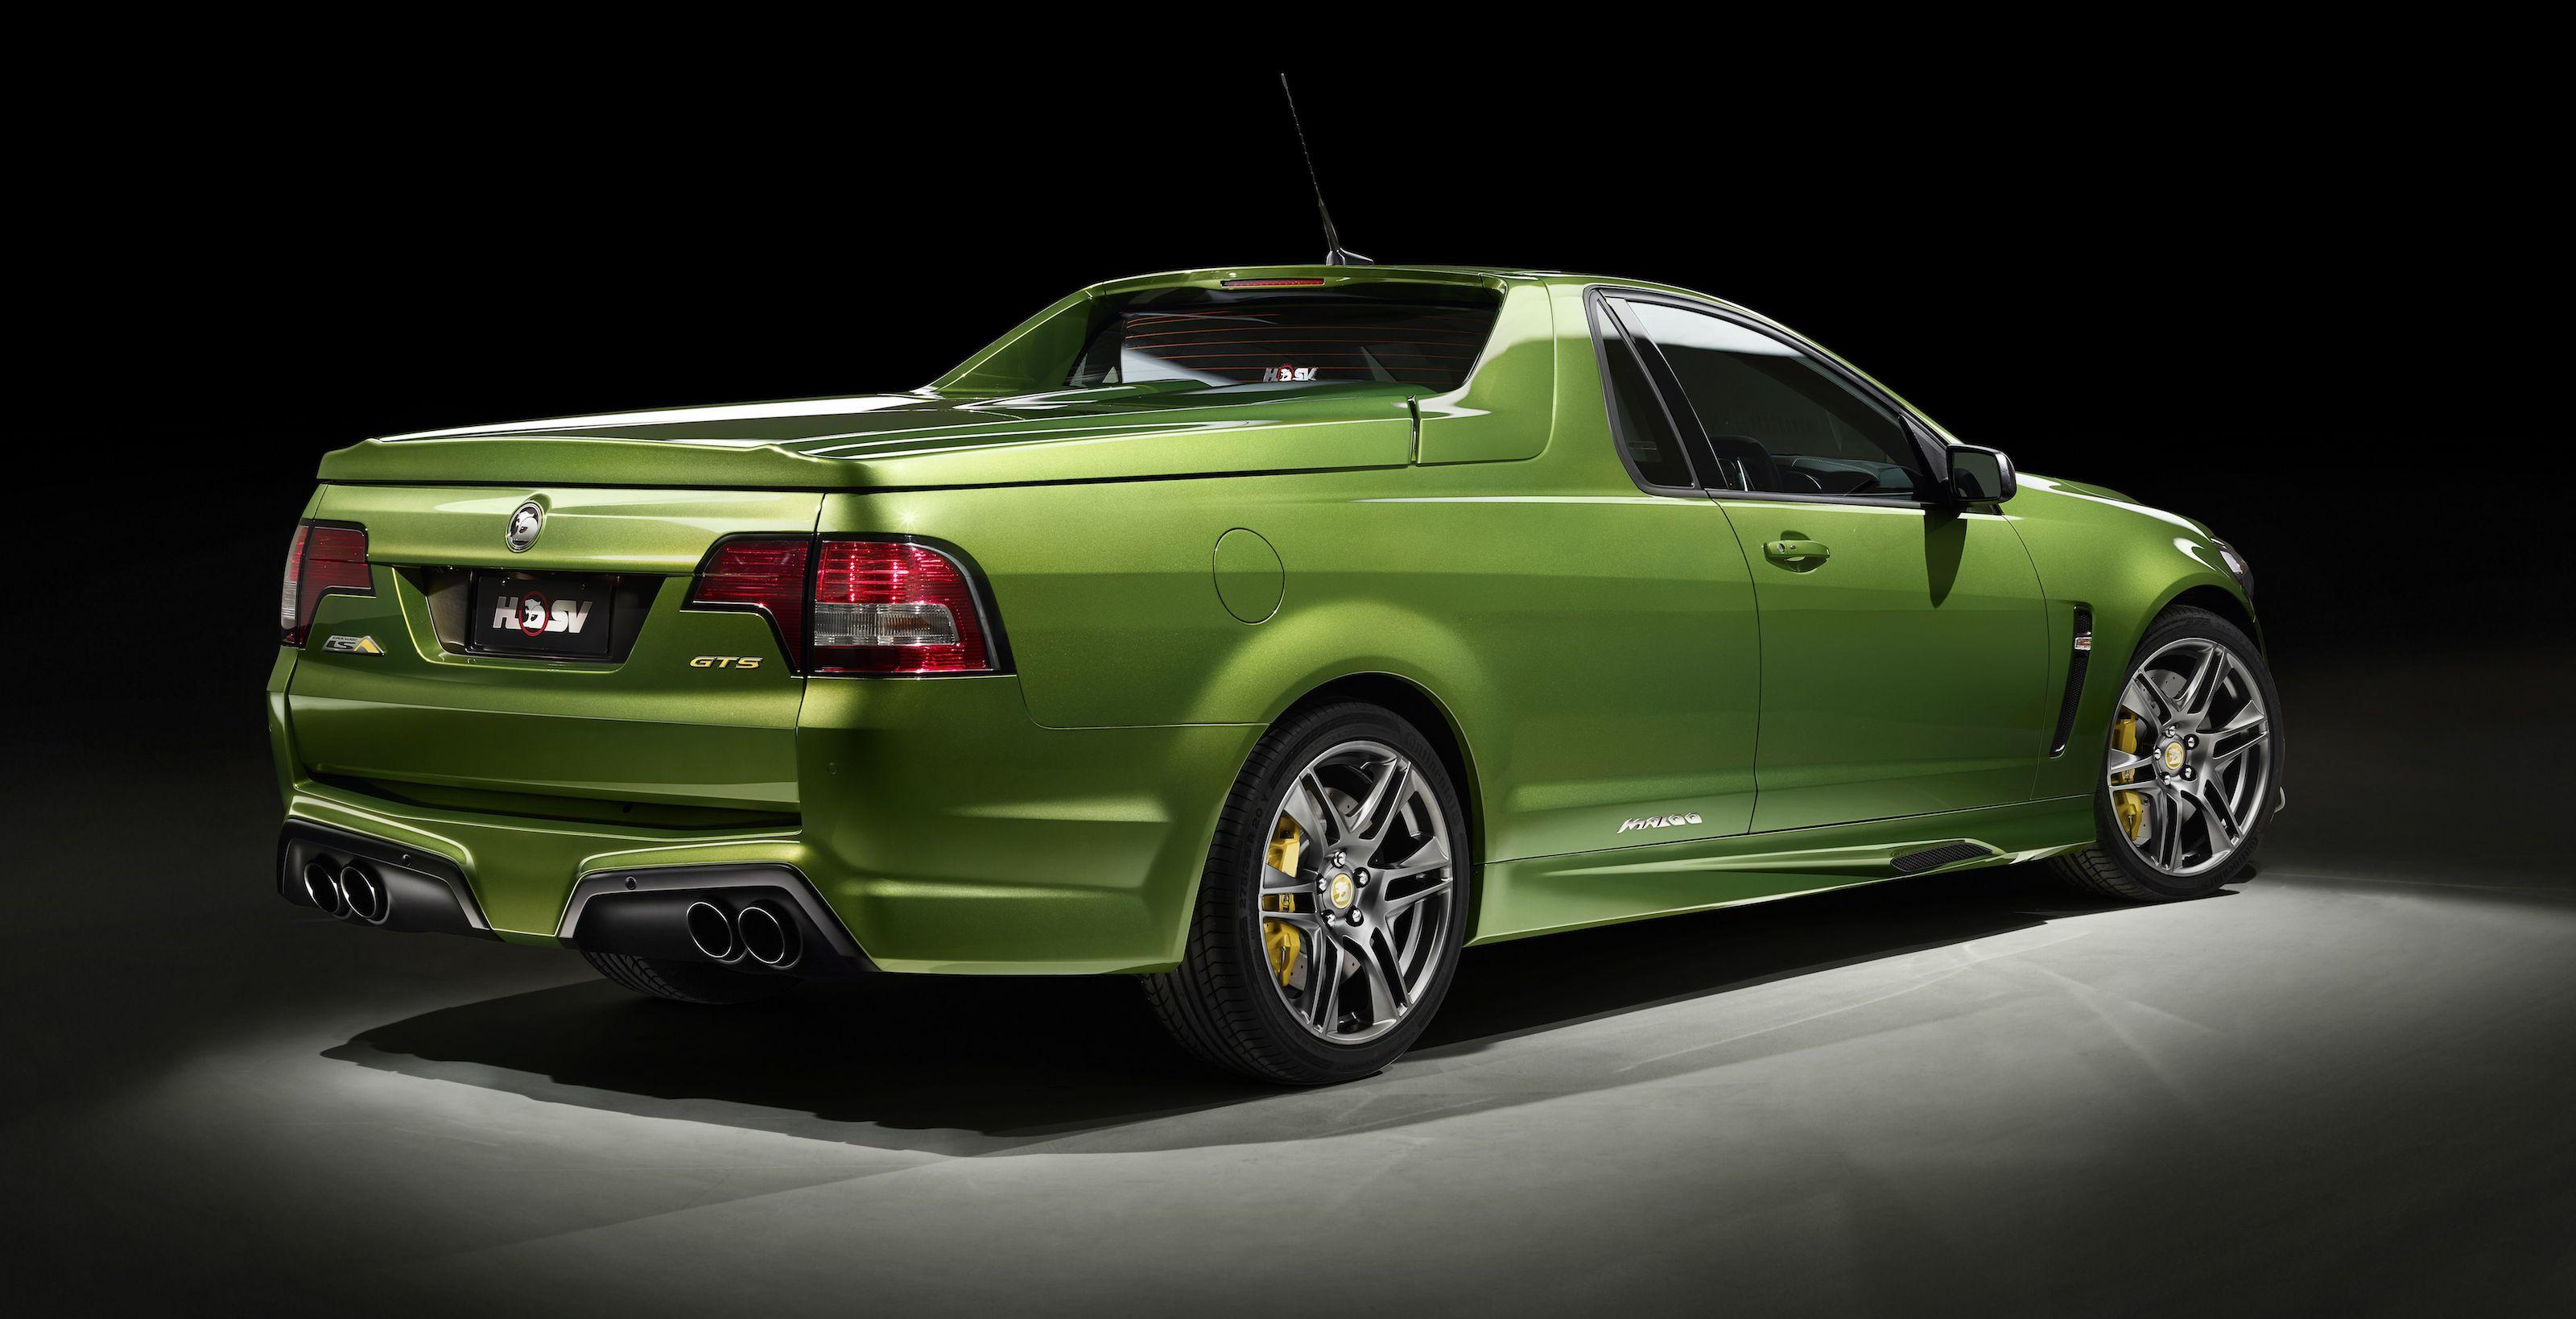 มาดูของแปลกสวยๆ กัน รถทรง Nissan Nv ที่โคตรสวย Quot Hsv Gts